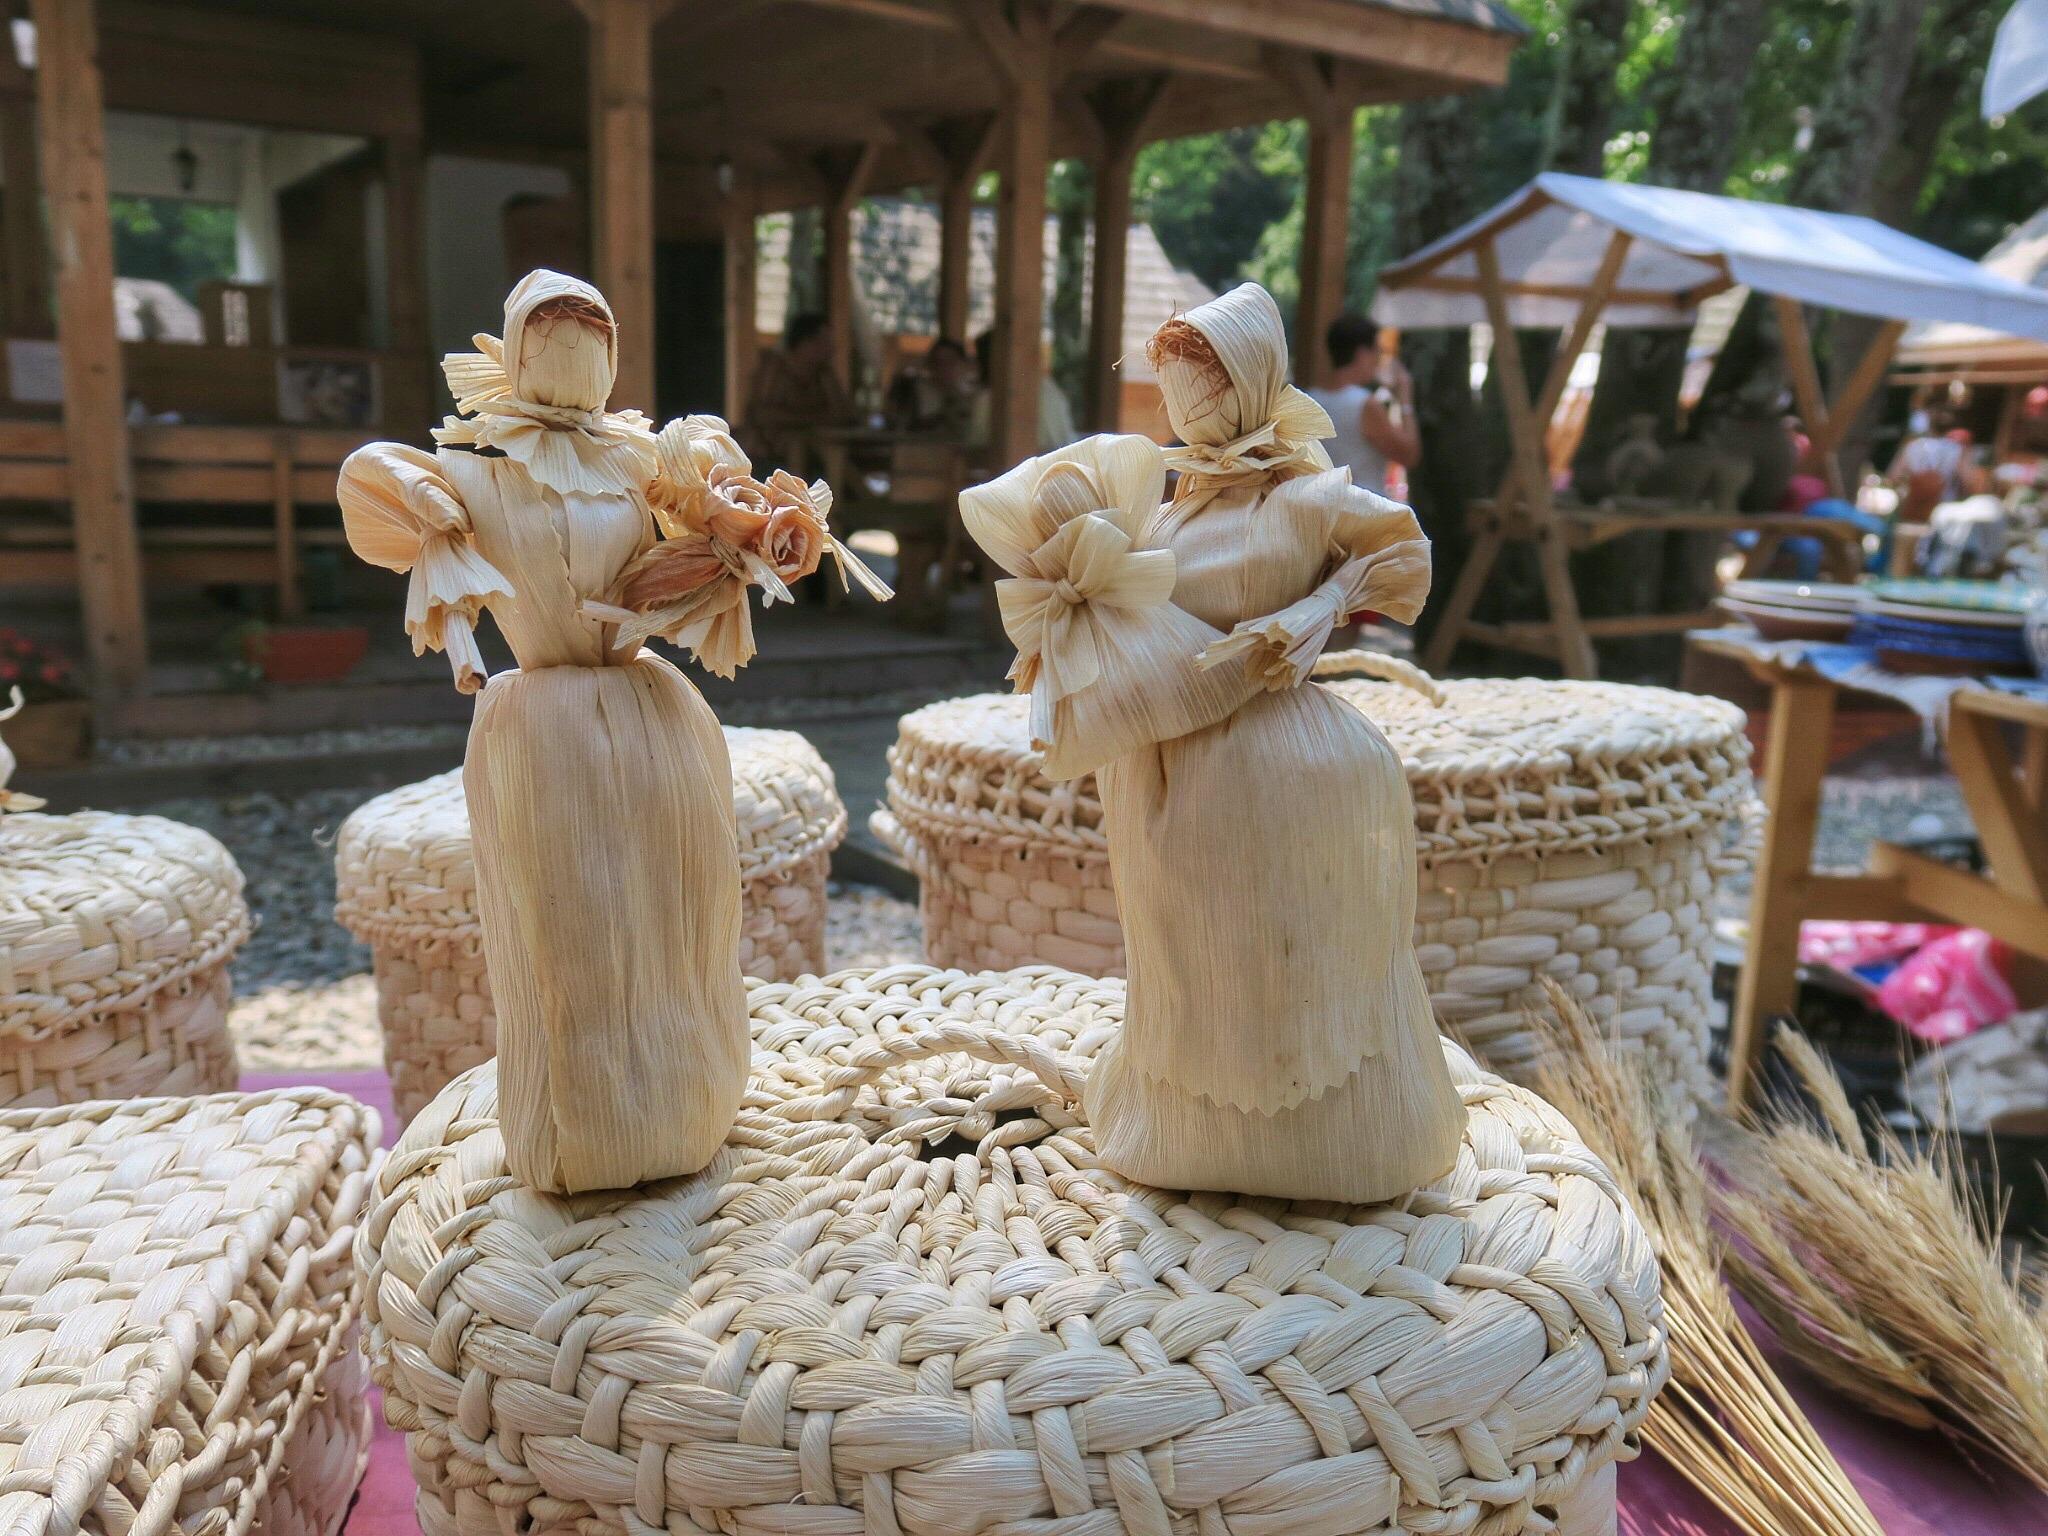 Handmade dolls by Adi Gli